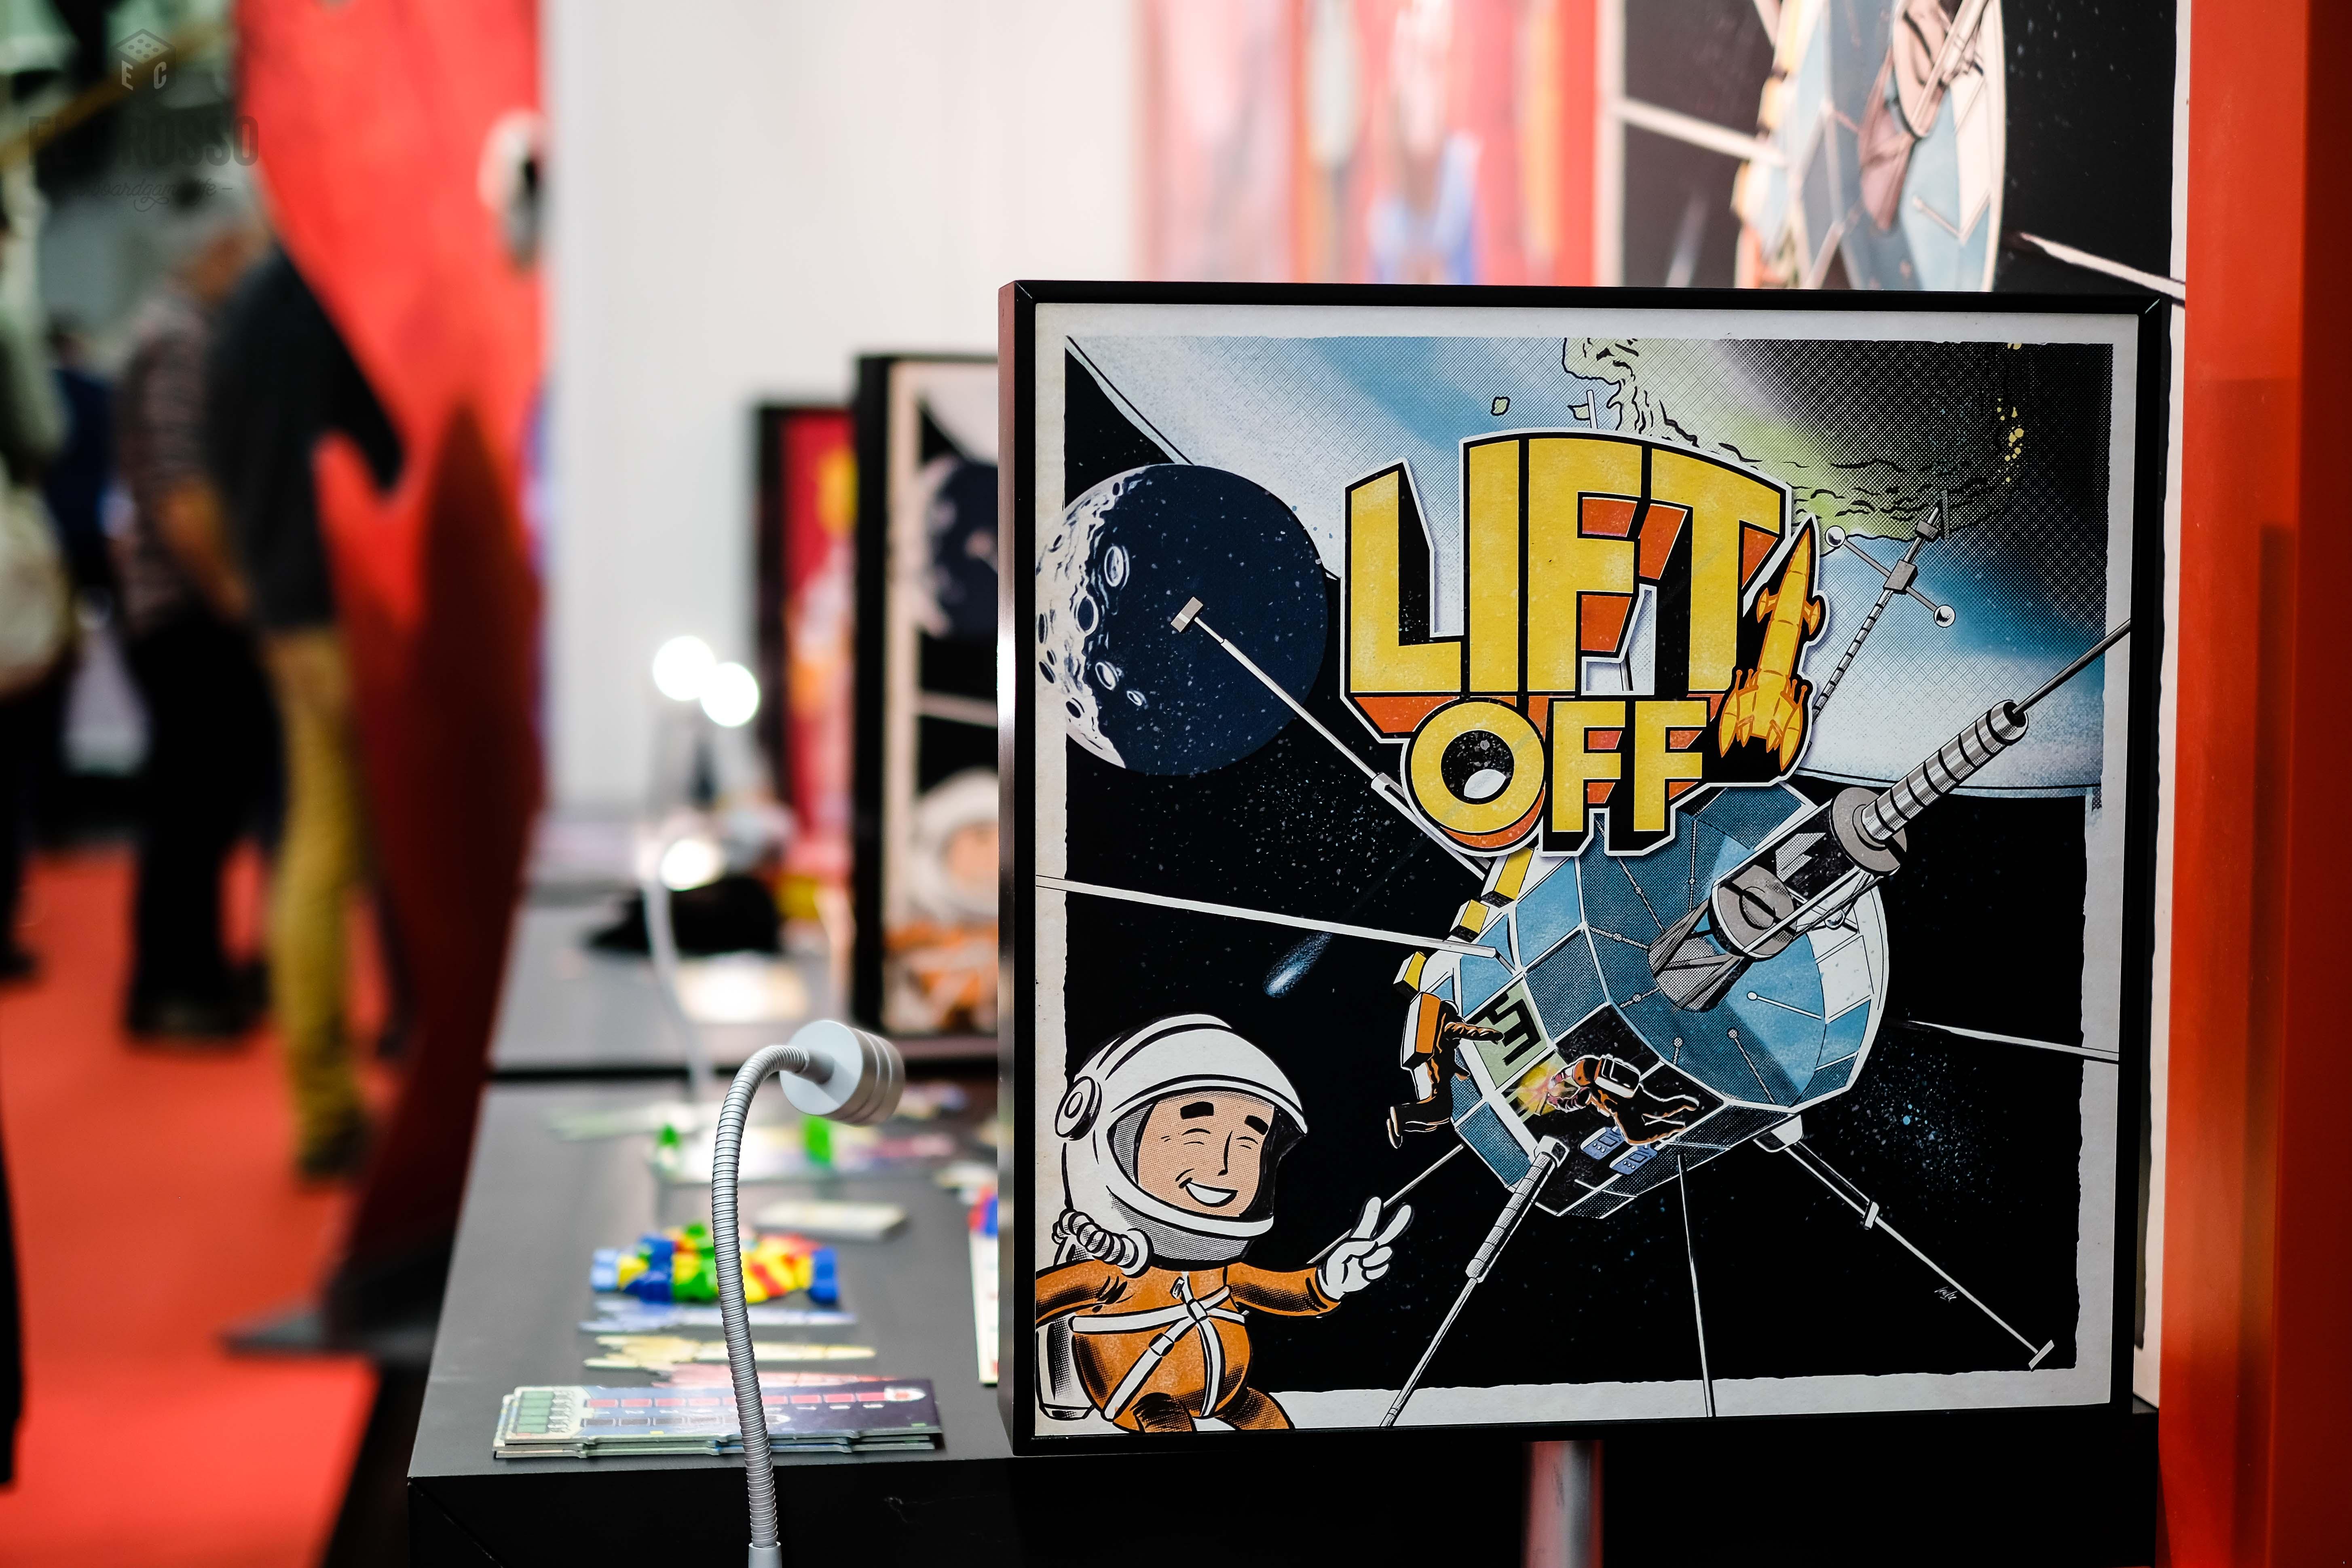 Lift Off by Hans im Glück at Spiel 2018 Demo Hall